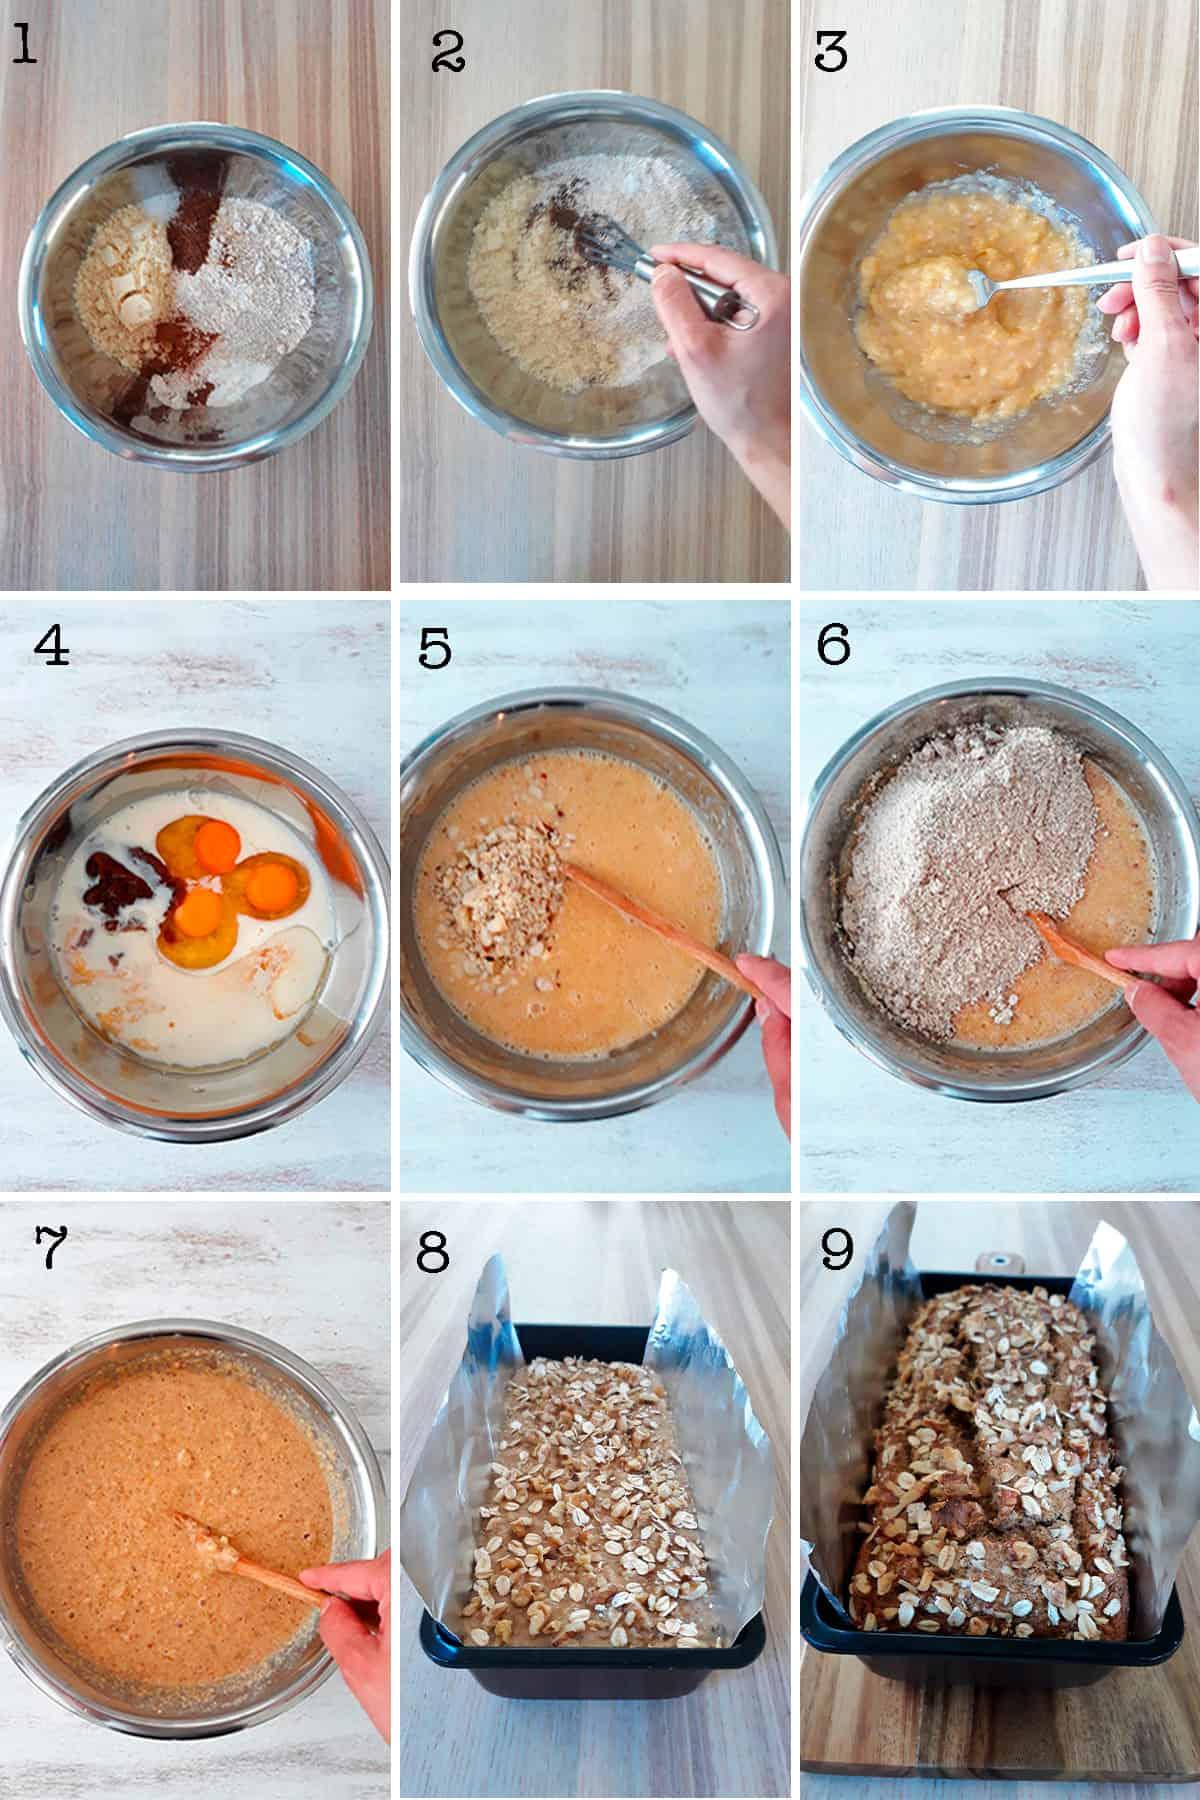 preparación de banana bread paso a paso.